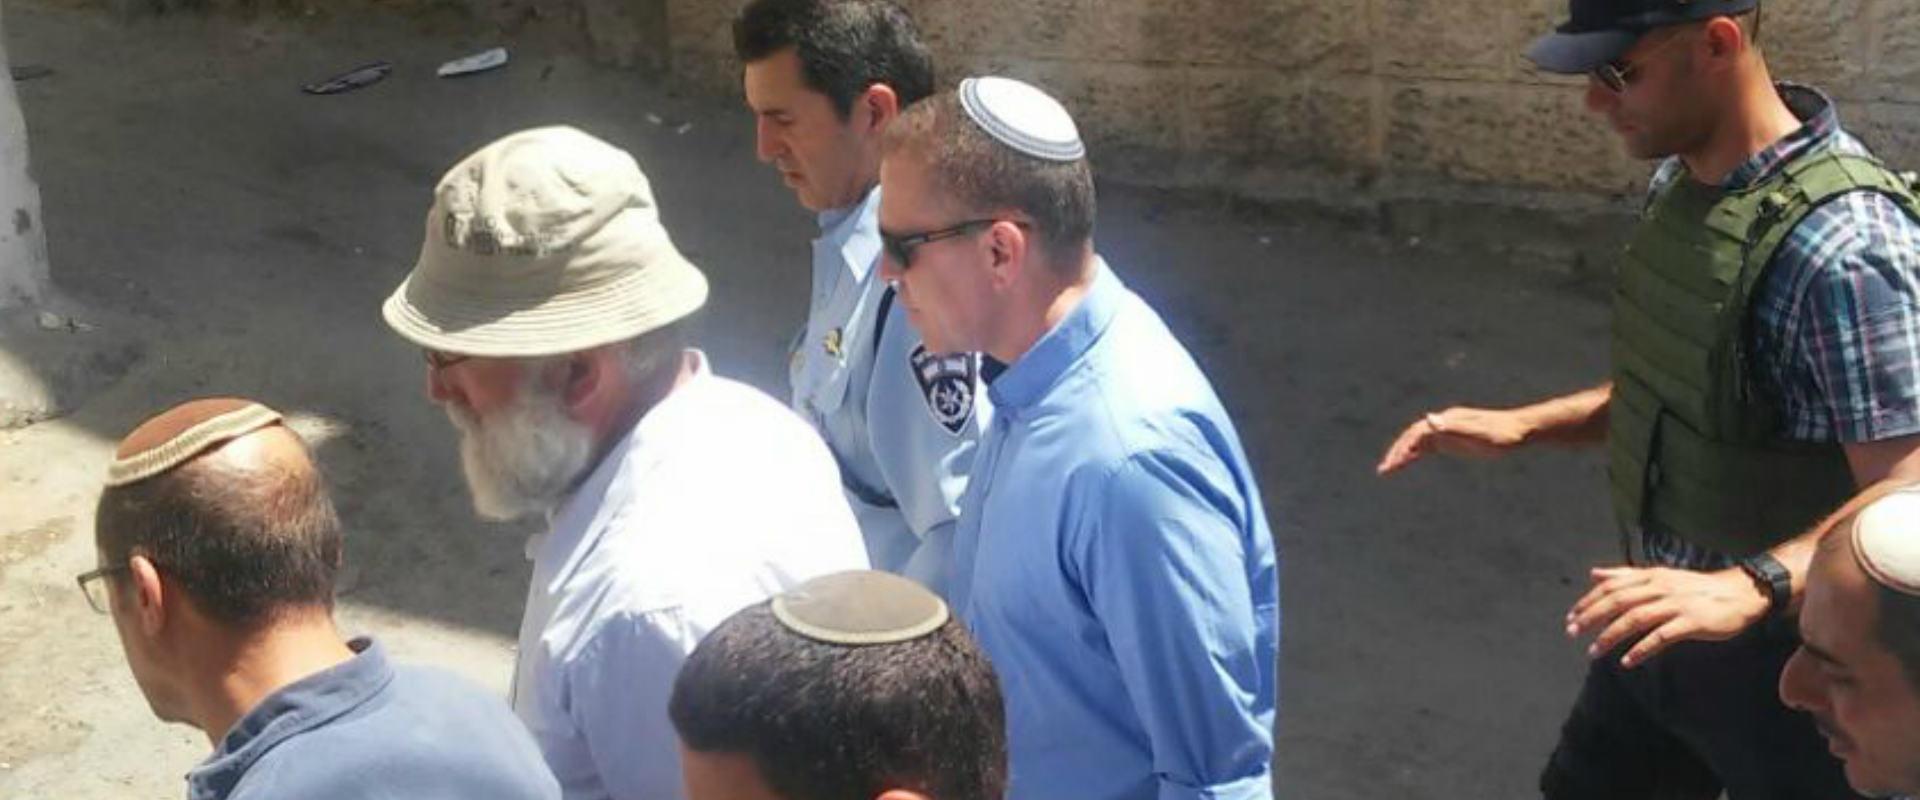 השר לביטחון פנים גלעד ארדן בסיור בסילוואן, היום